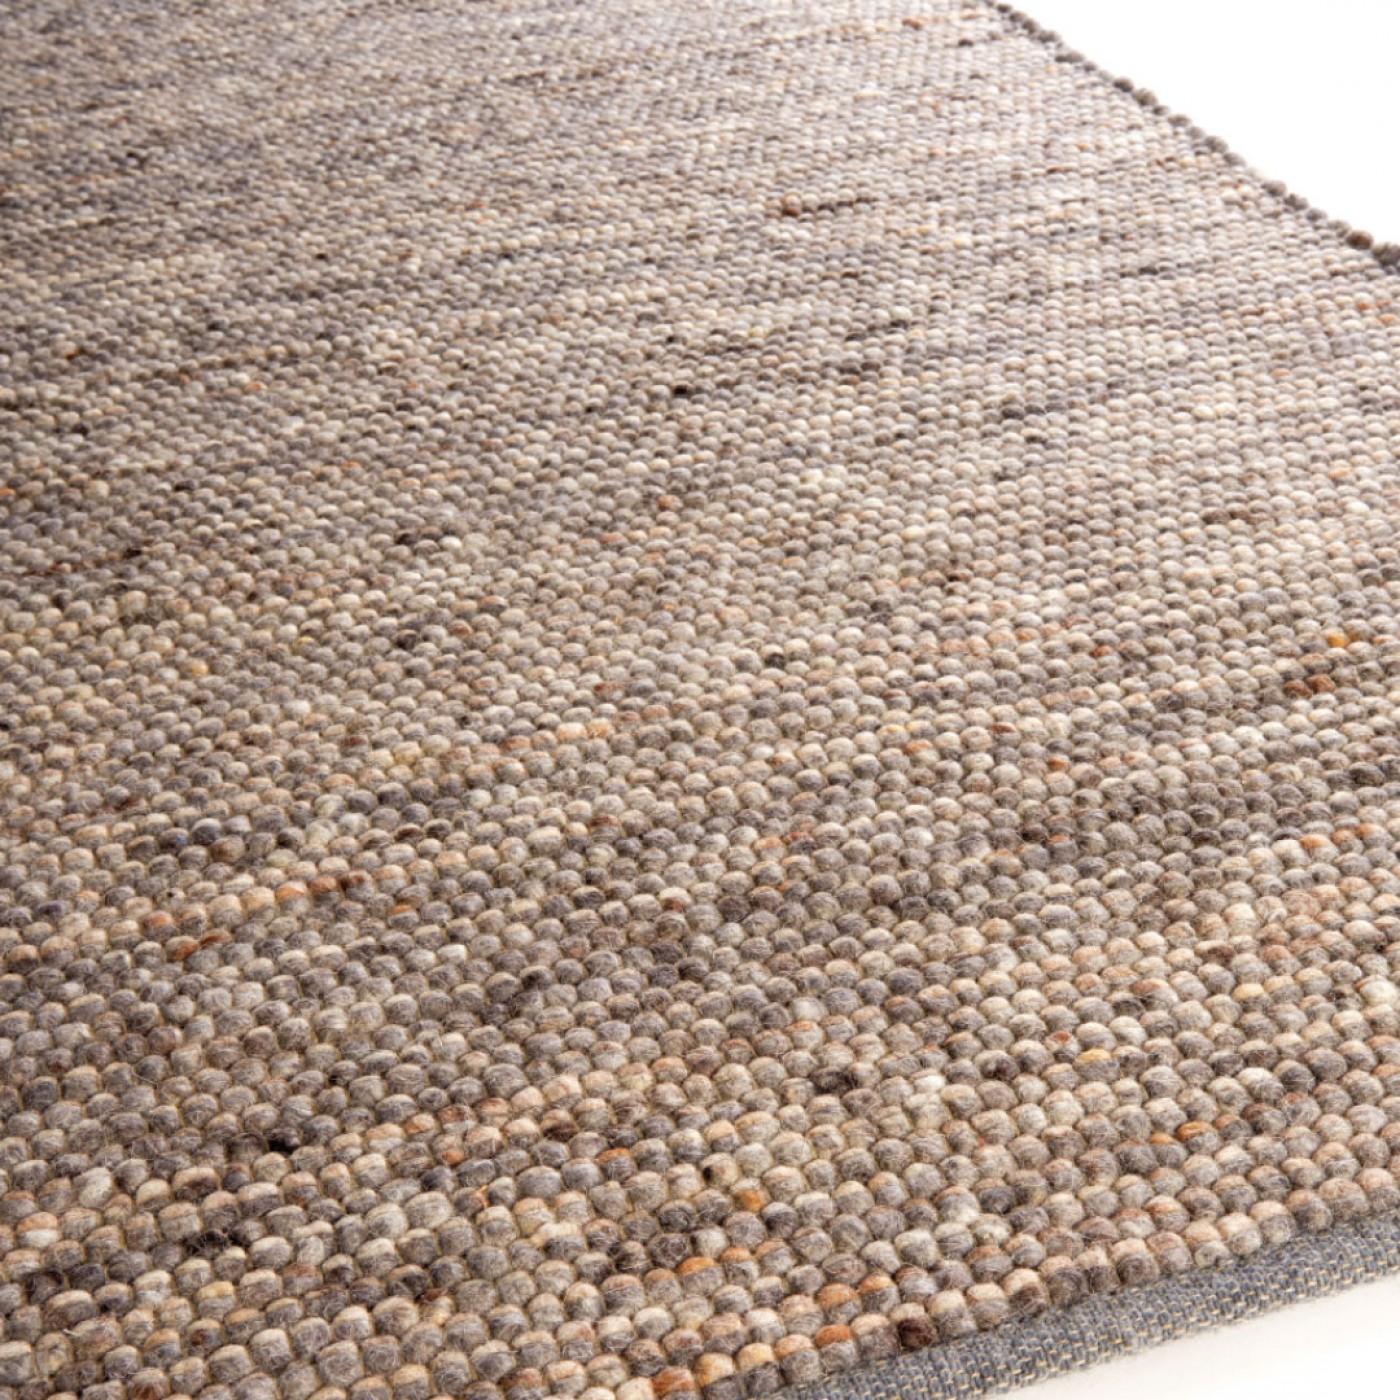 vloerkleed cliff brinker carpets 812